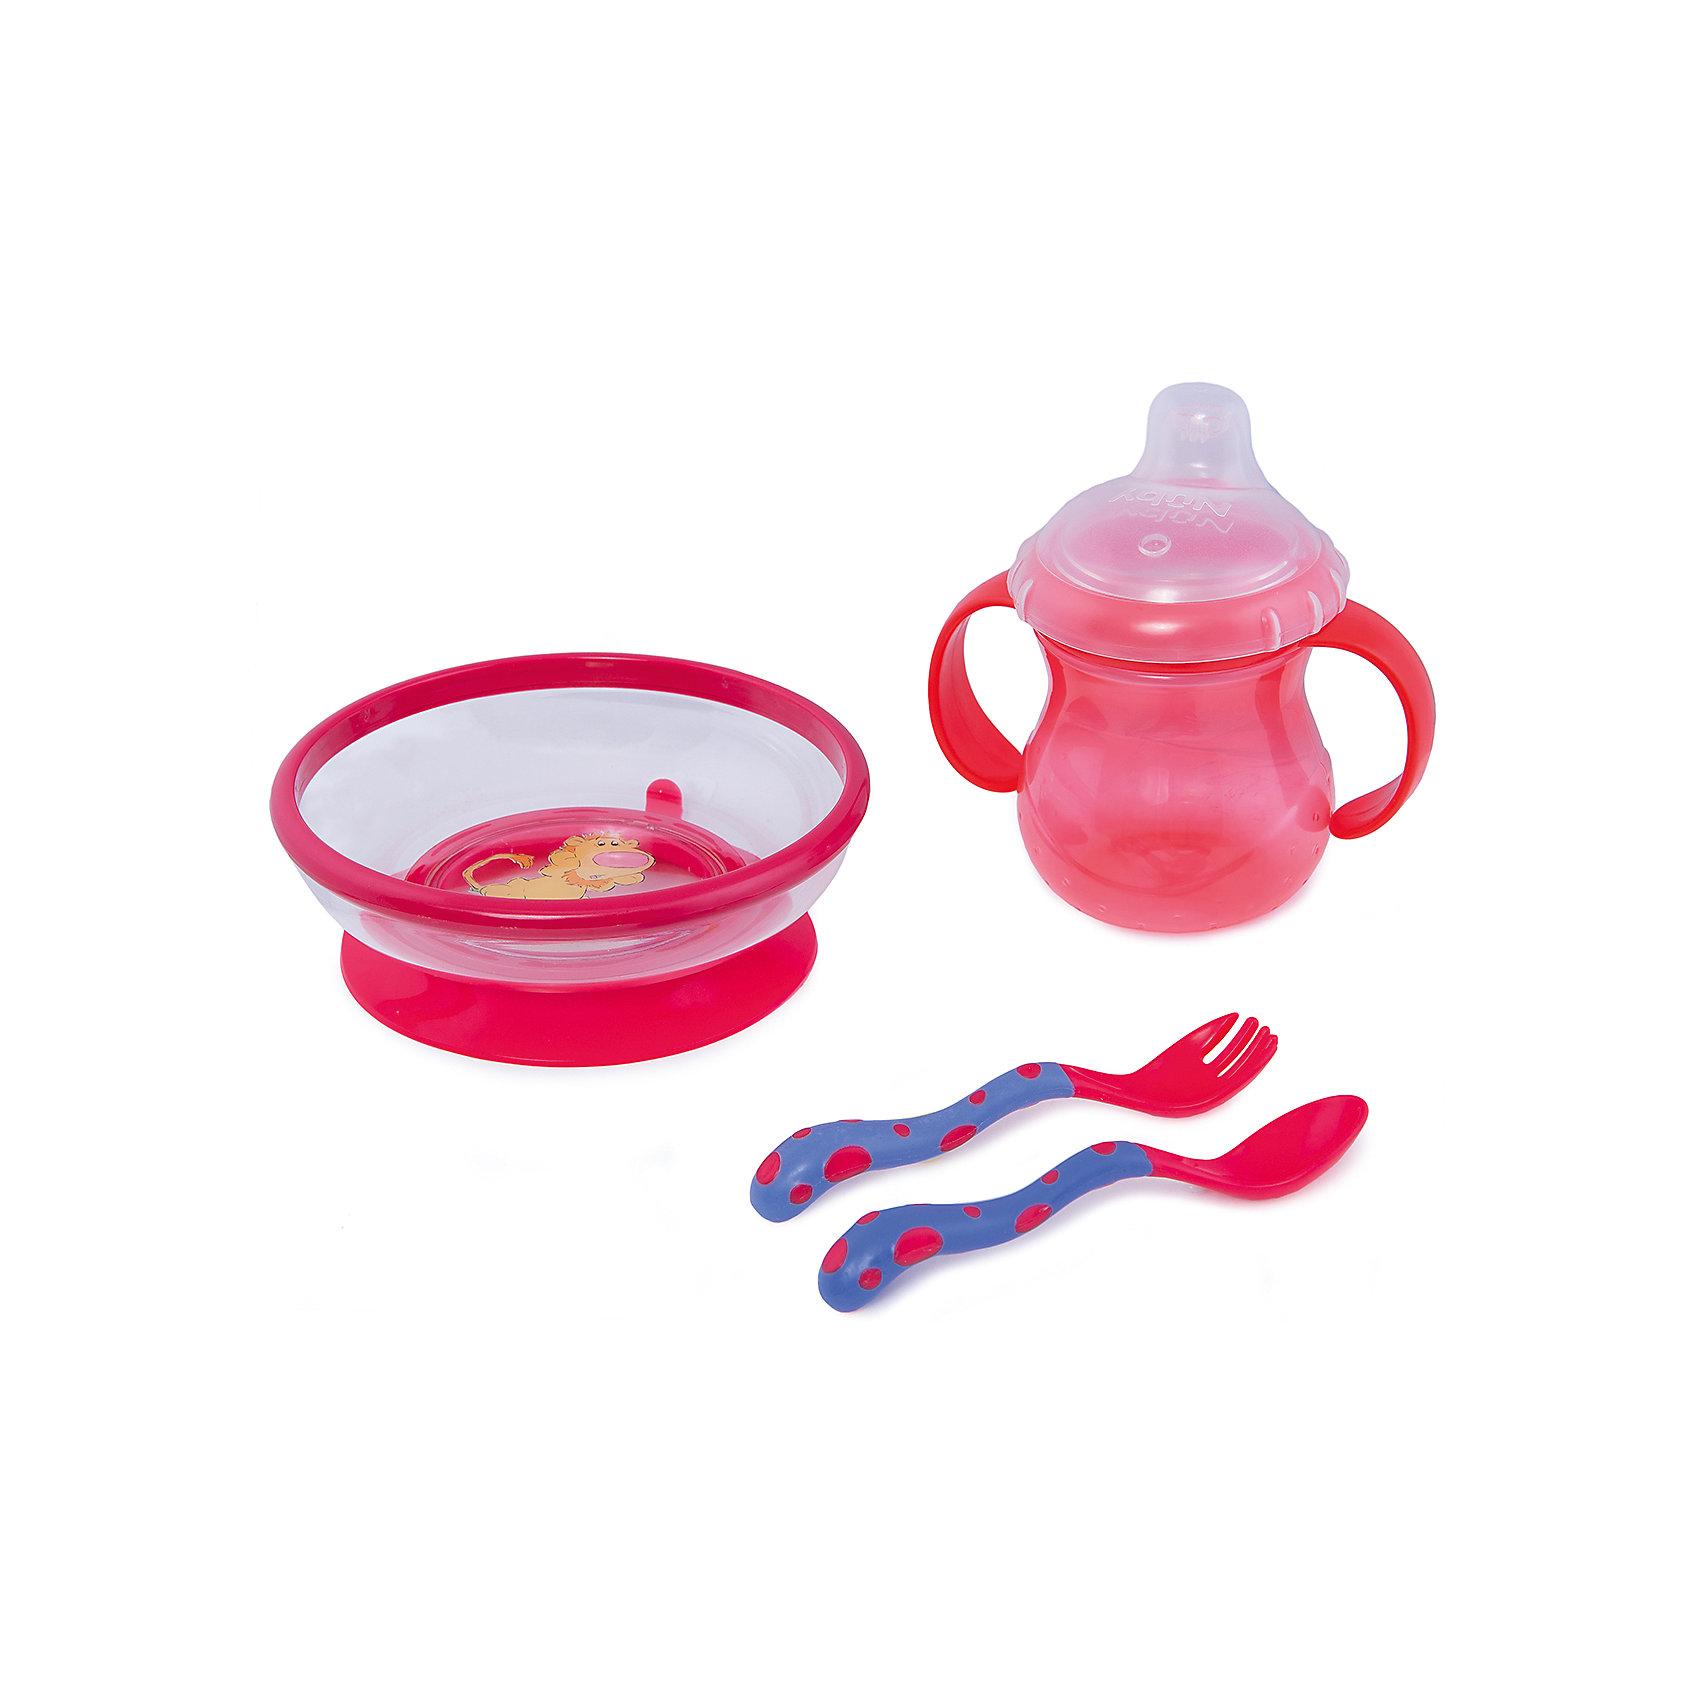 Набор посуды, Nuby, красныйНабор посуды, Nuby (Нуби), в ассортименте состоит из тарелки из поликарбоната на присоске, тренировочной ложки и вилки, а также поильника из полипропилена с ручками и носиком-непроливайкой.<br>Тарелка изготовлена из ударопрочного поликарбоната. Ее можно безопасно мыть в посудомоечной машине, и нагревать в ней продукты при помощи микроволновой печи. У тарелки имеется нескользящая основа, надежно удерживающая тарелку на поверхности.<br>Удобные ложка и вилка с мягкими ручками легко помещаются в руке ребенка, а поильник с удобными ручками и мягким носиком предотвратит протекание при обчении малыша пить самостоятельно.<br><br>Дополнительная информация:<br><br>- материал: поликарбонат, полипропилен, резина, силикон, пластик<br><br><br>Набор посуды, Nuby (Нуби), в ассортименте можно купить в нашем магазине.<br><br>Ширина мм: 330<br>Глубина мм: 220<br>Высота мм: 80<br>Вес г: 450<br>Цвет: красный<br>Возраст от месяцев: 6<br>Возраст до месяцев: 36<br>Пол: Унисекс<br>Возраст: Детский<br>SKU: 4663775